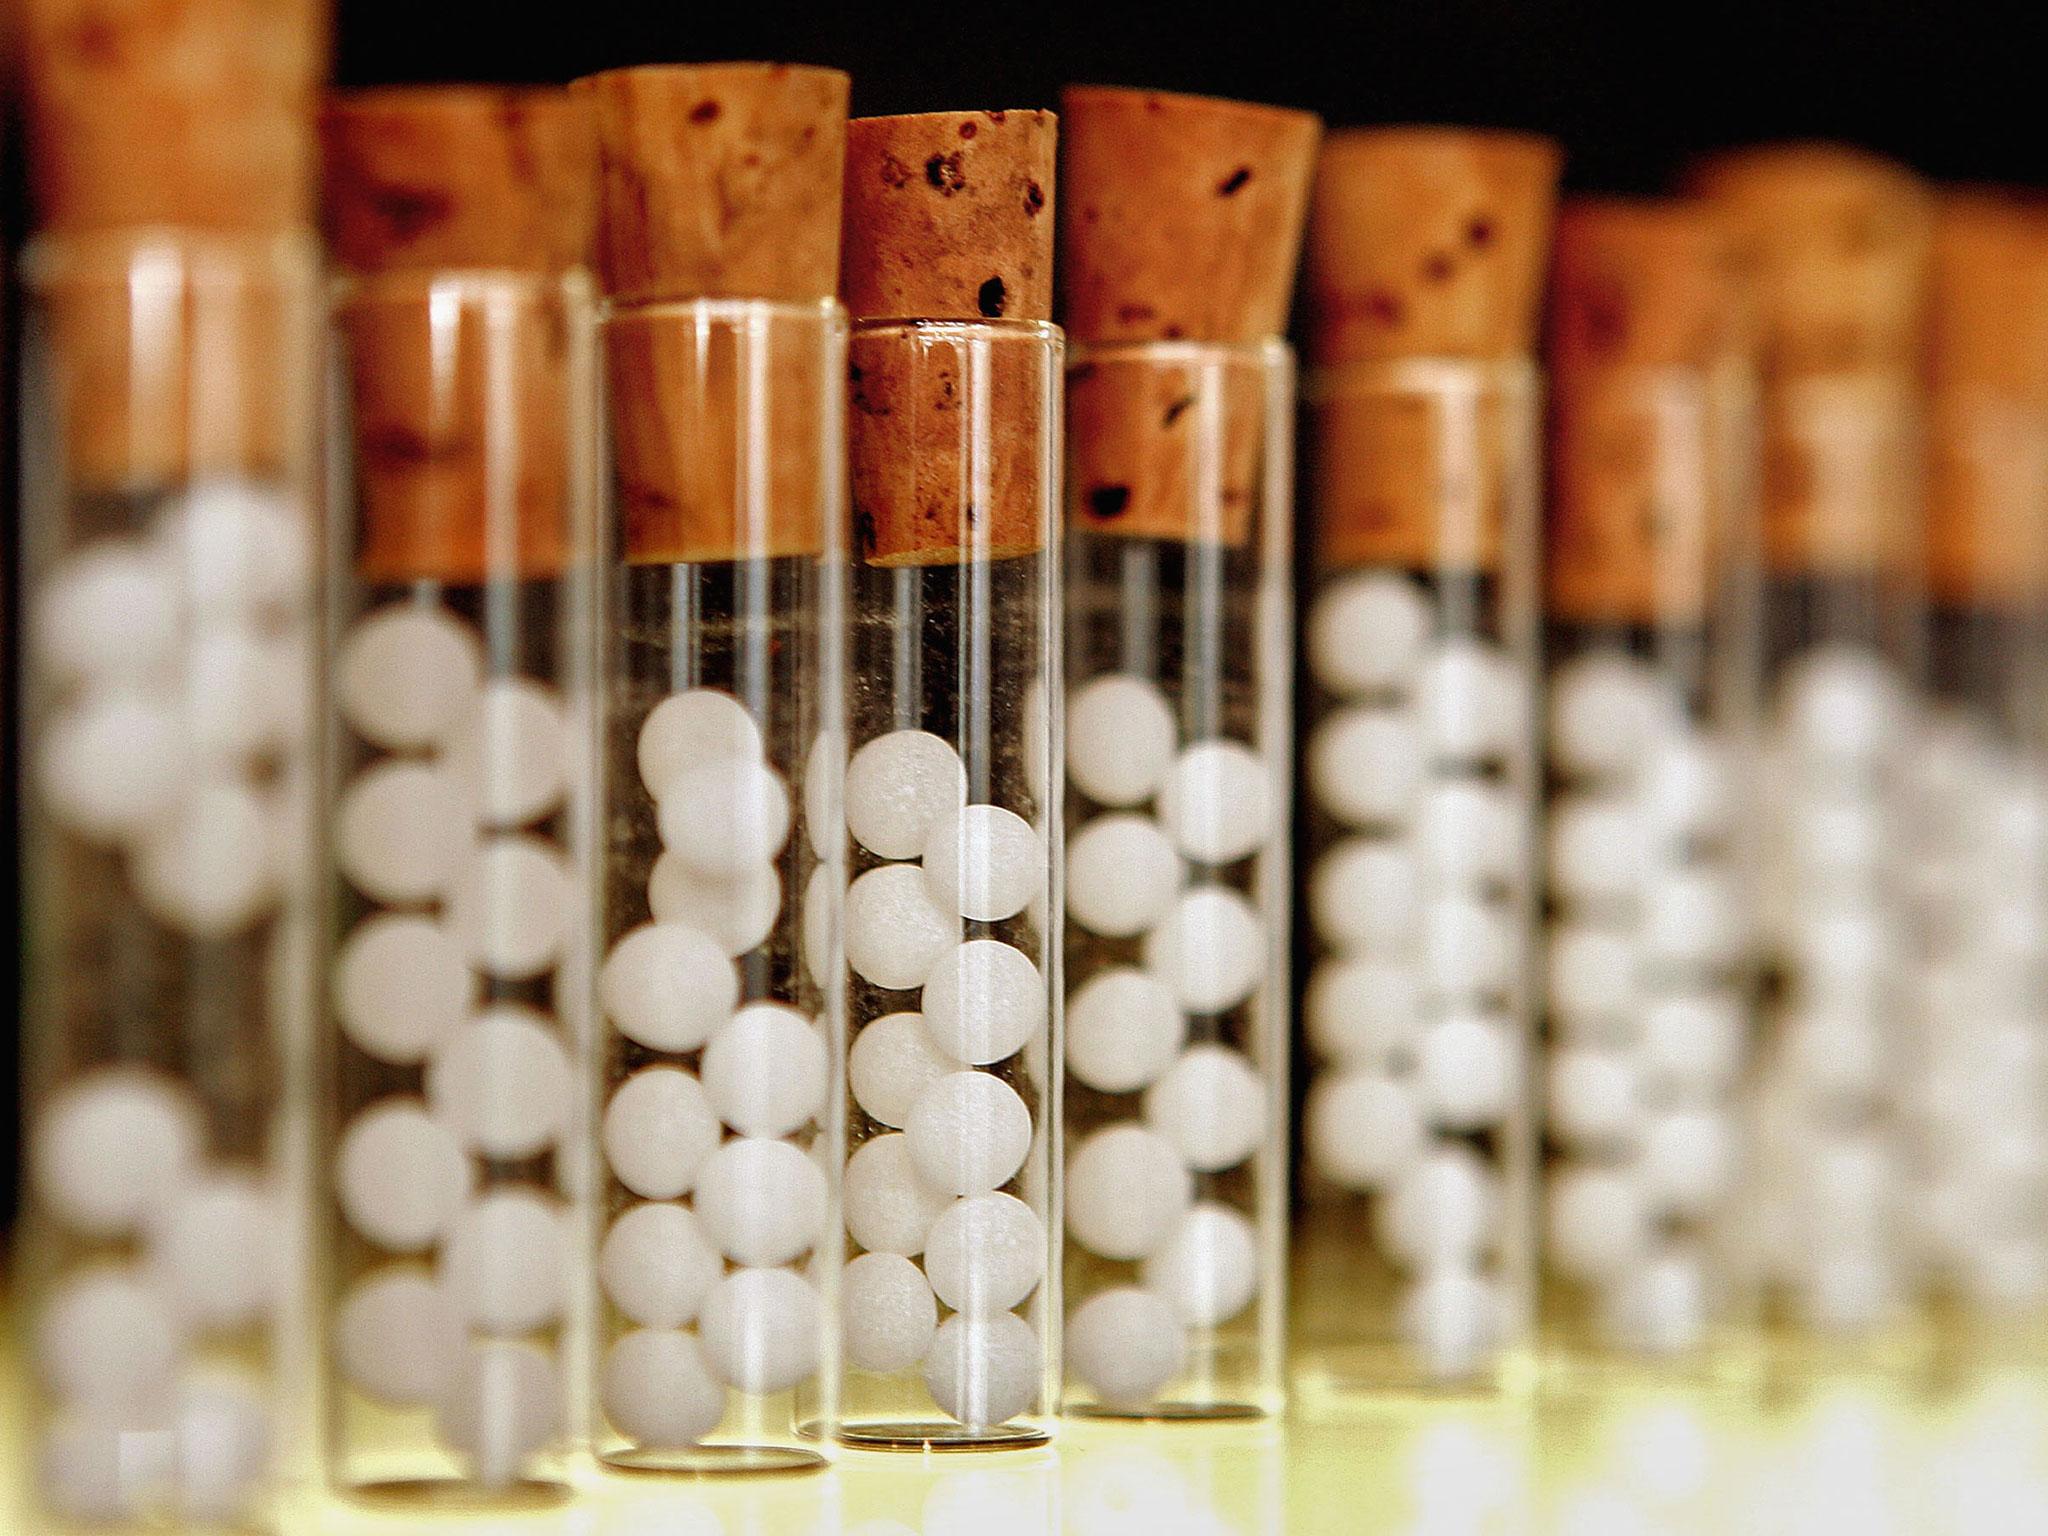 Представители NHS England считают, что лучше сэкономить насахарных шариках, ана эти деньги купить действительно эффективные препараты.